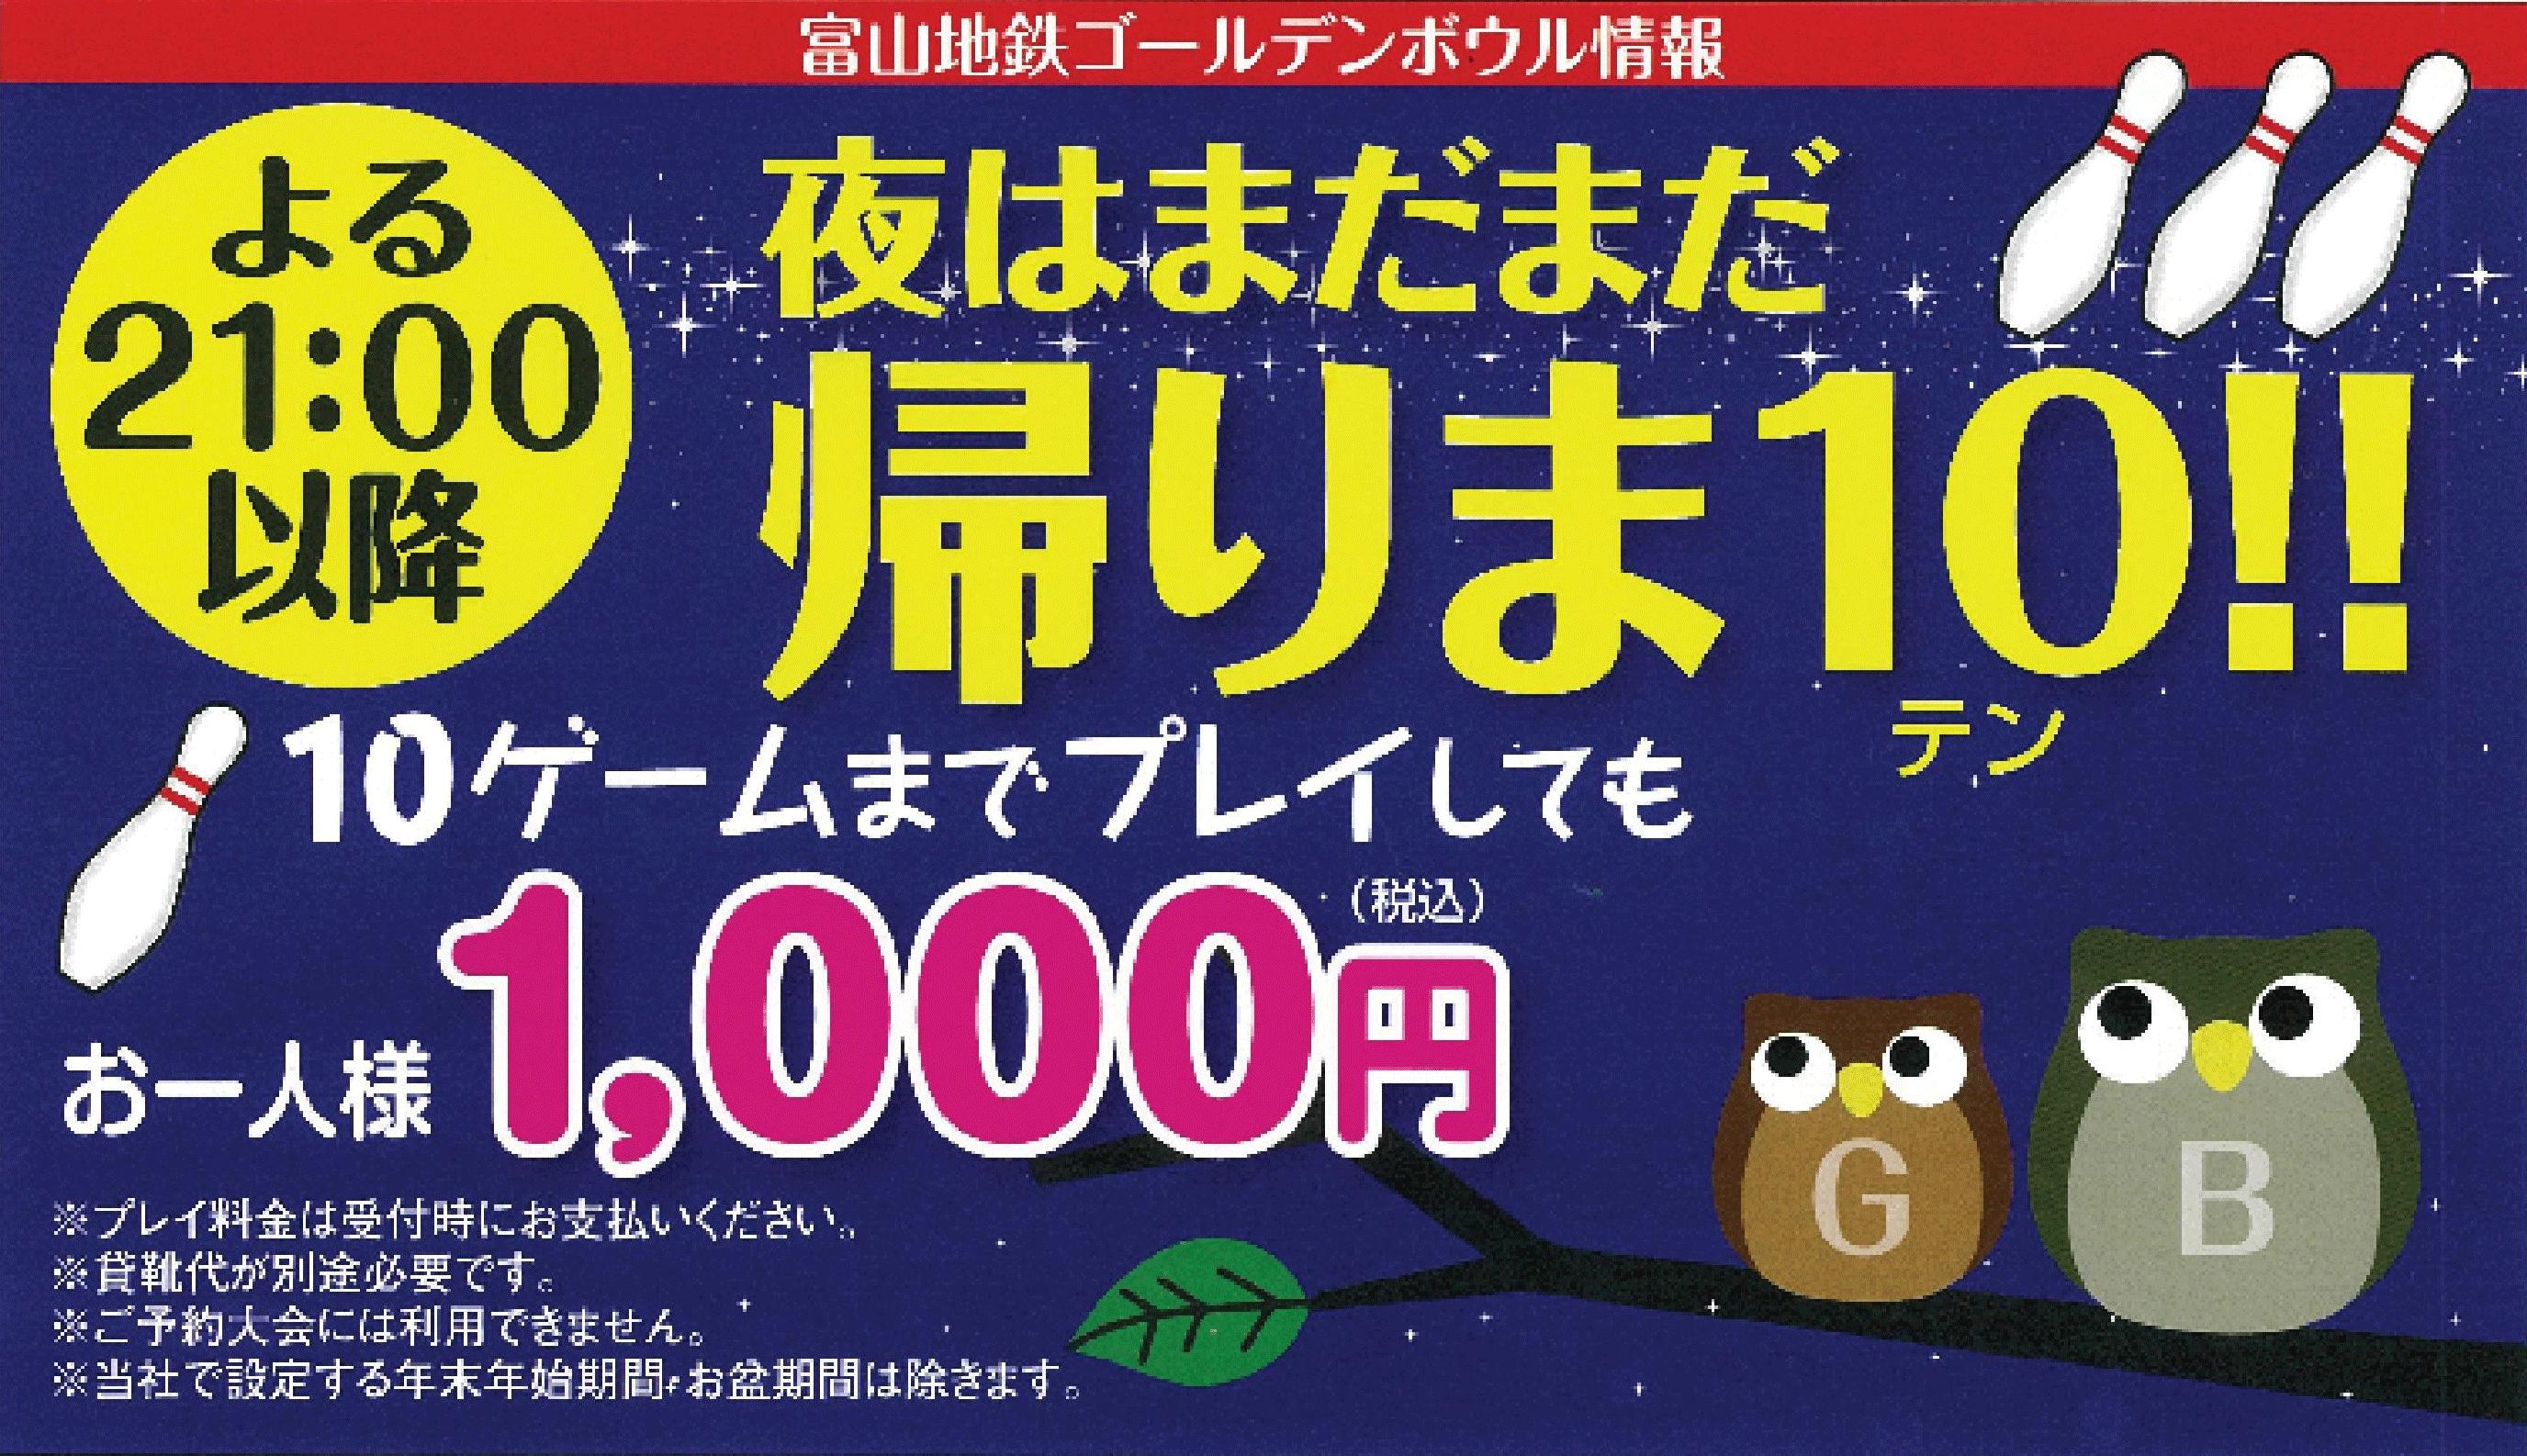 富山地鉄ゴールデンボウル 1000円で10ゲーム!夜が断然お得☆帰りま10!!